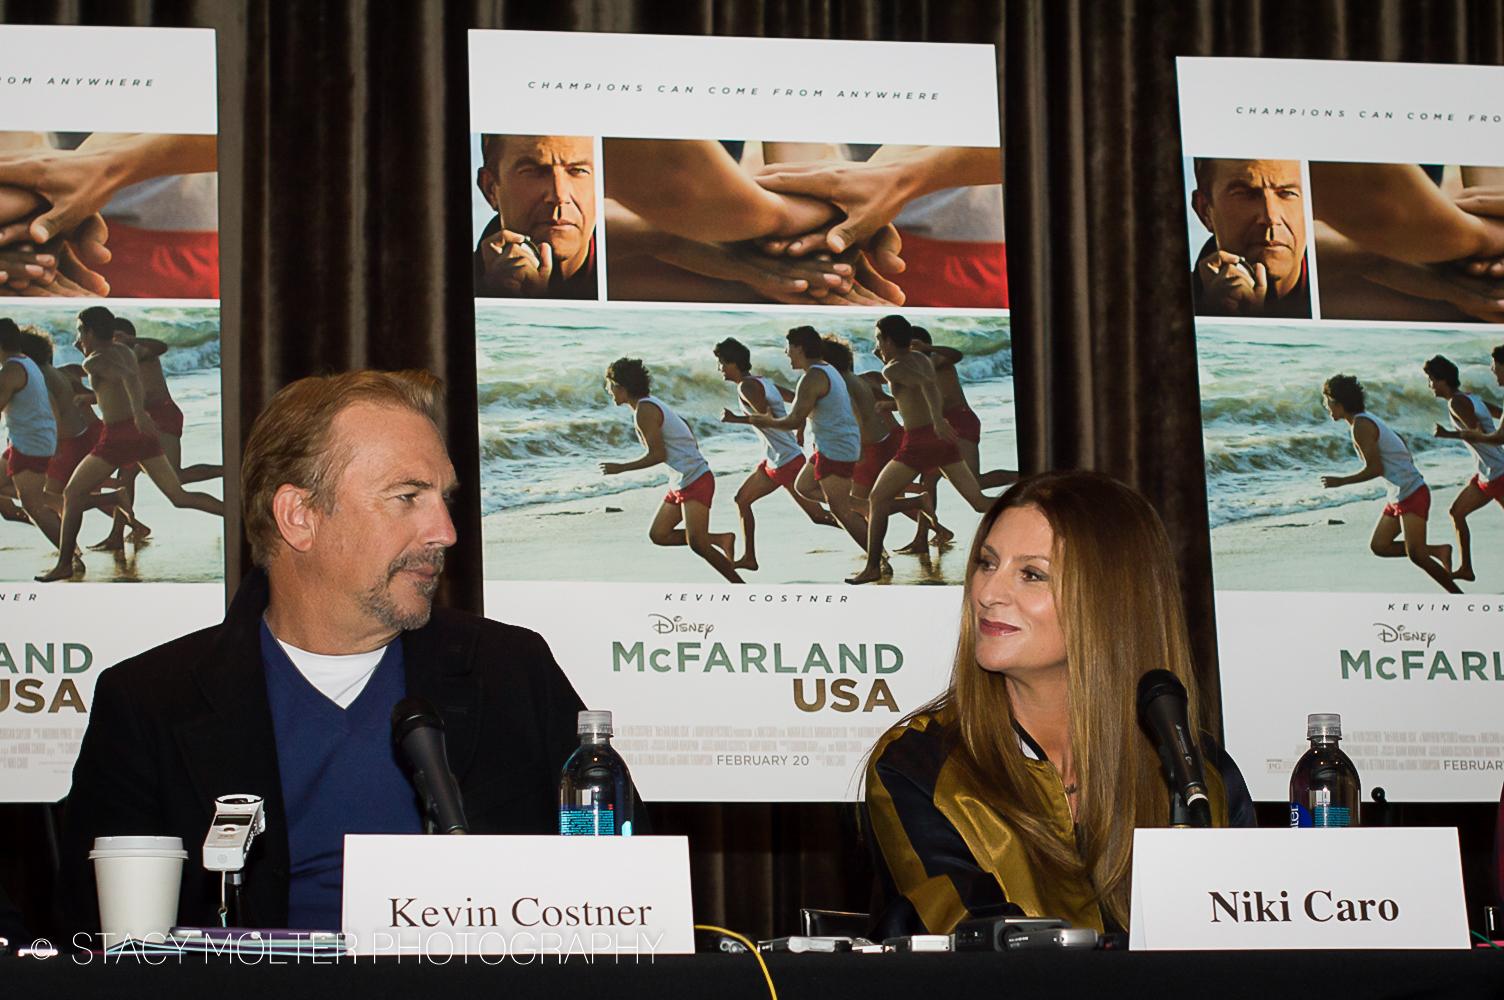 Kevin Costner & Niki Caro - McFarland USA Press Conference Junket